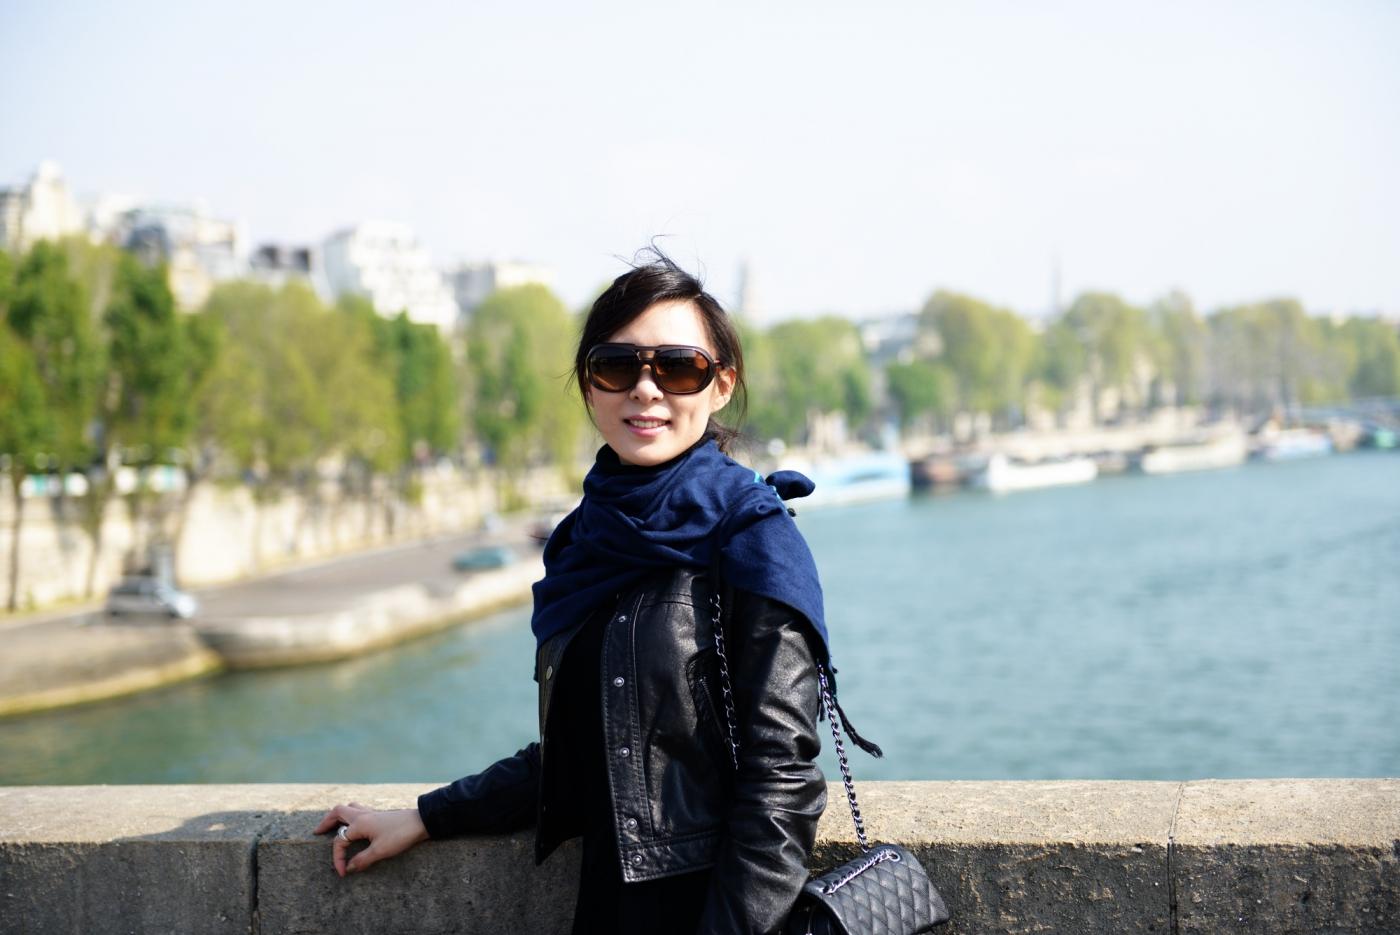 巴黎春天_图1-18